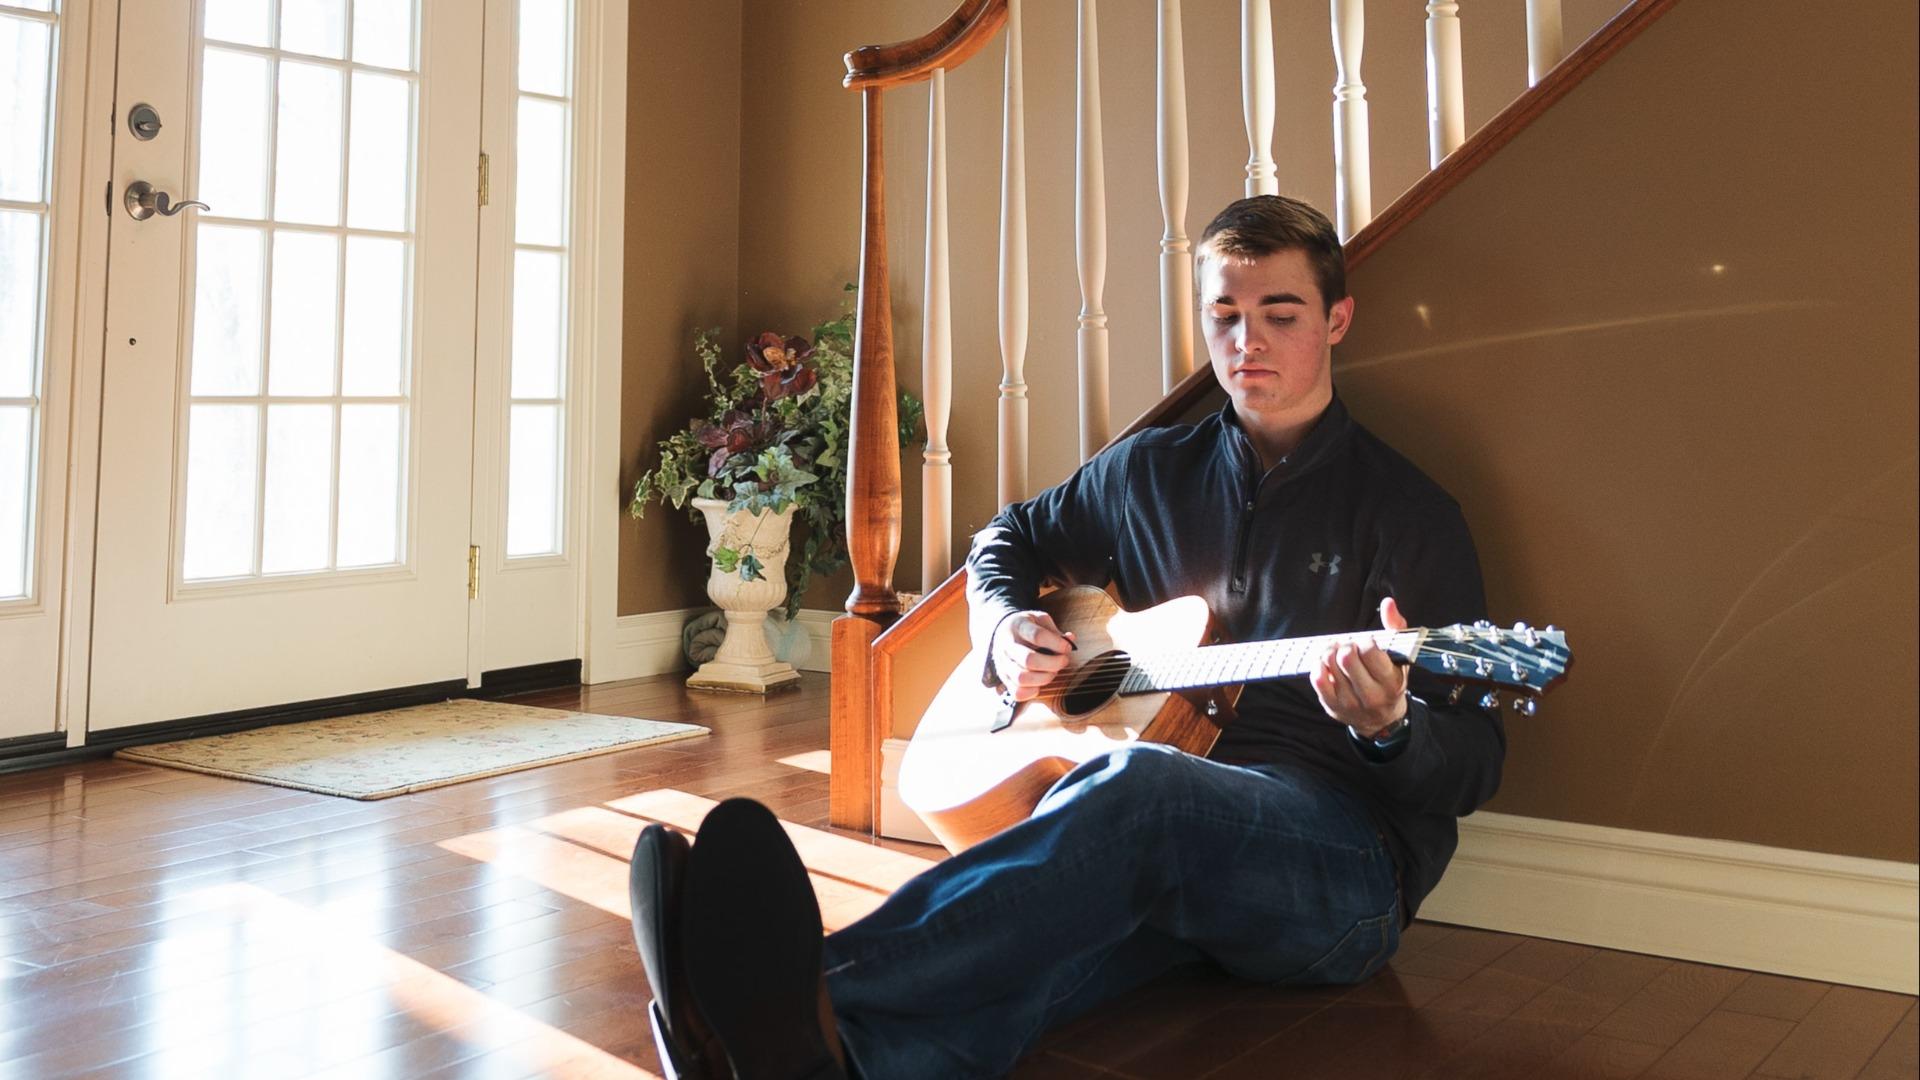 Gutt+med+gitar.jpg